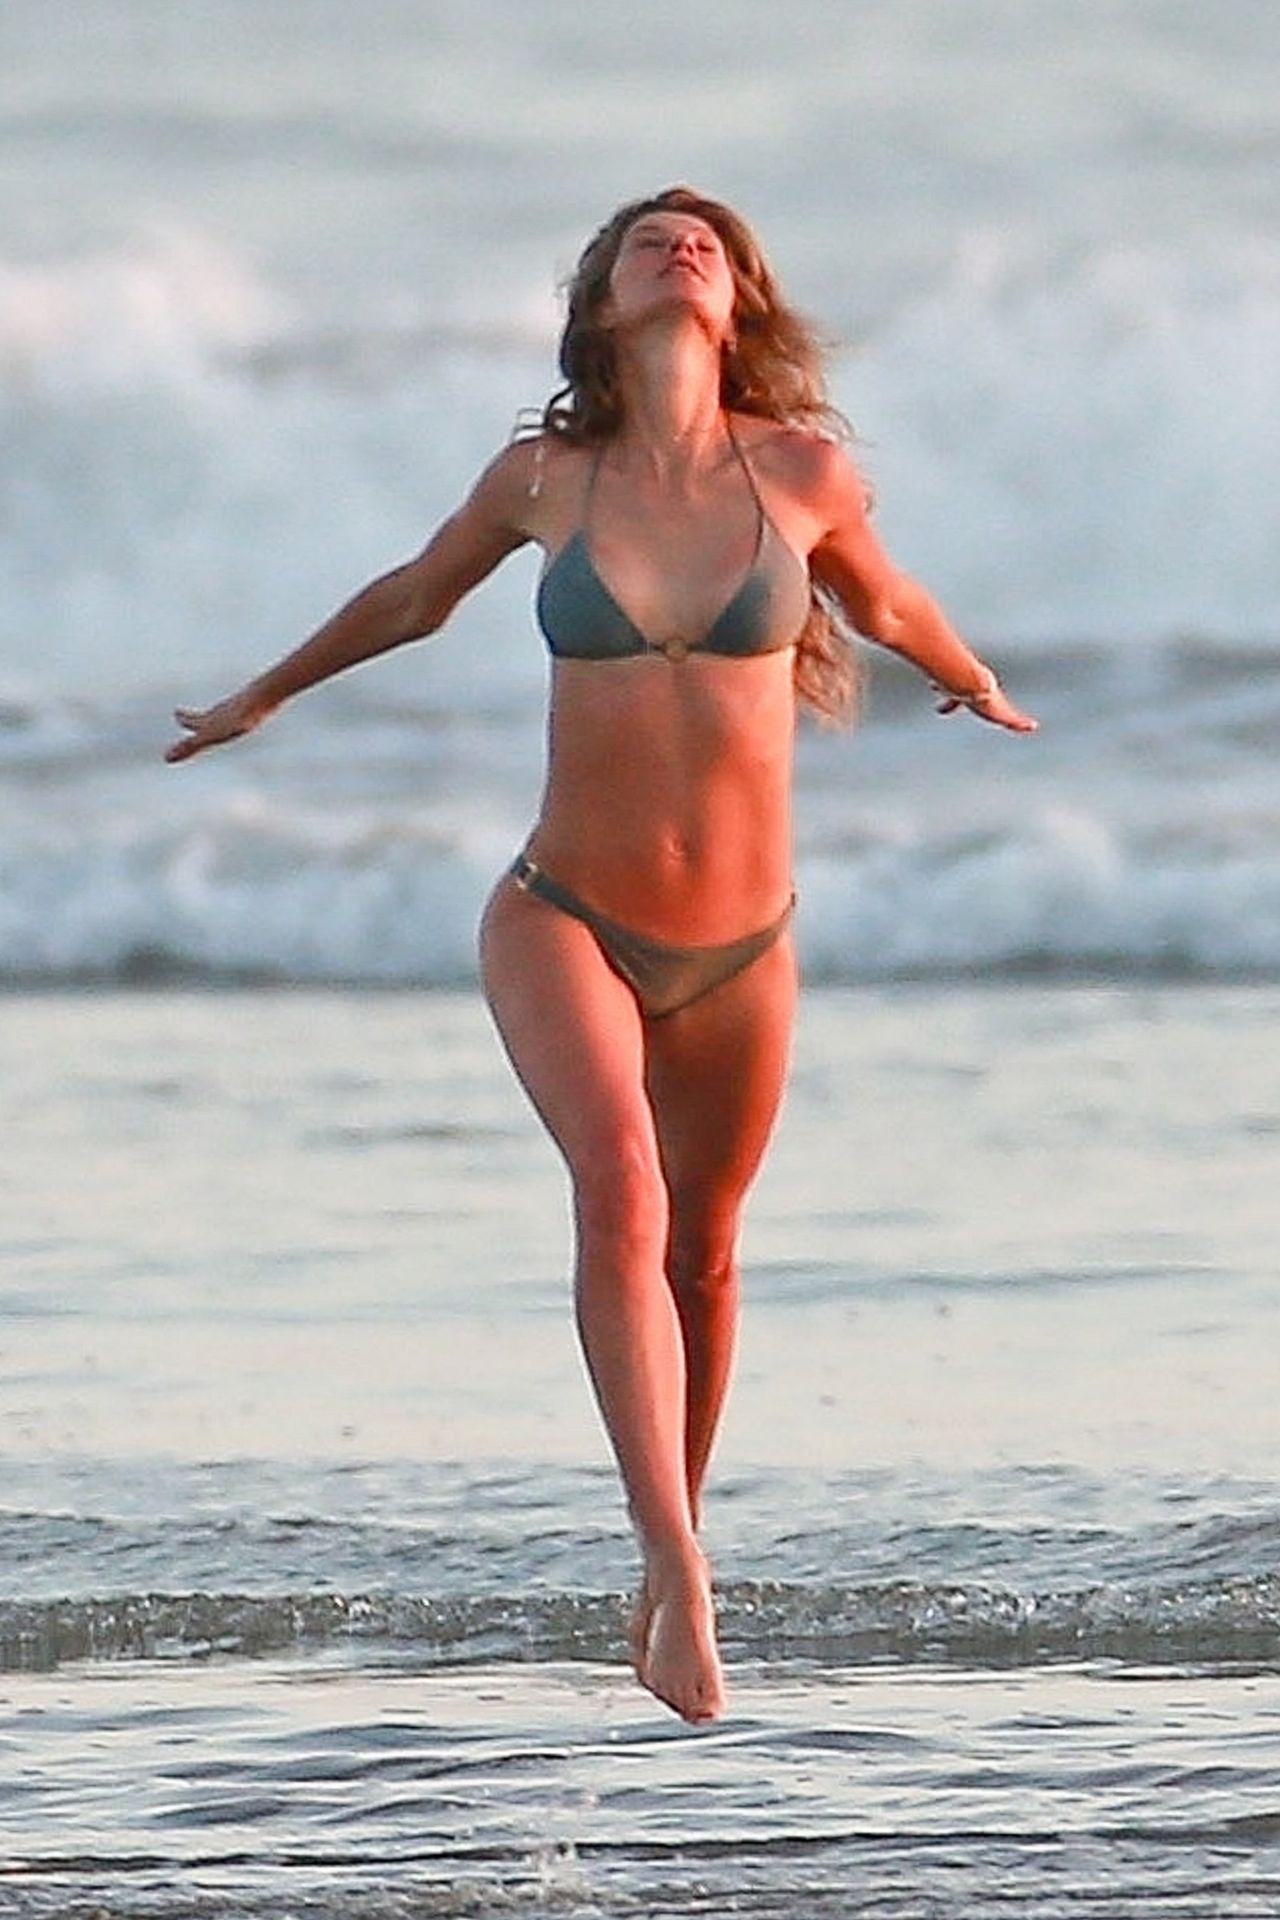 Gisele Bündchen Is Seen Enjoying The Warm Weather In Costa Rica 0001